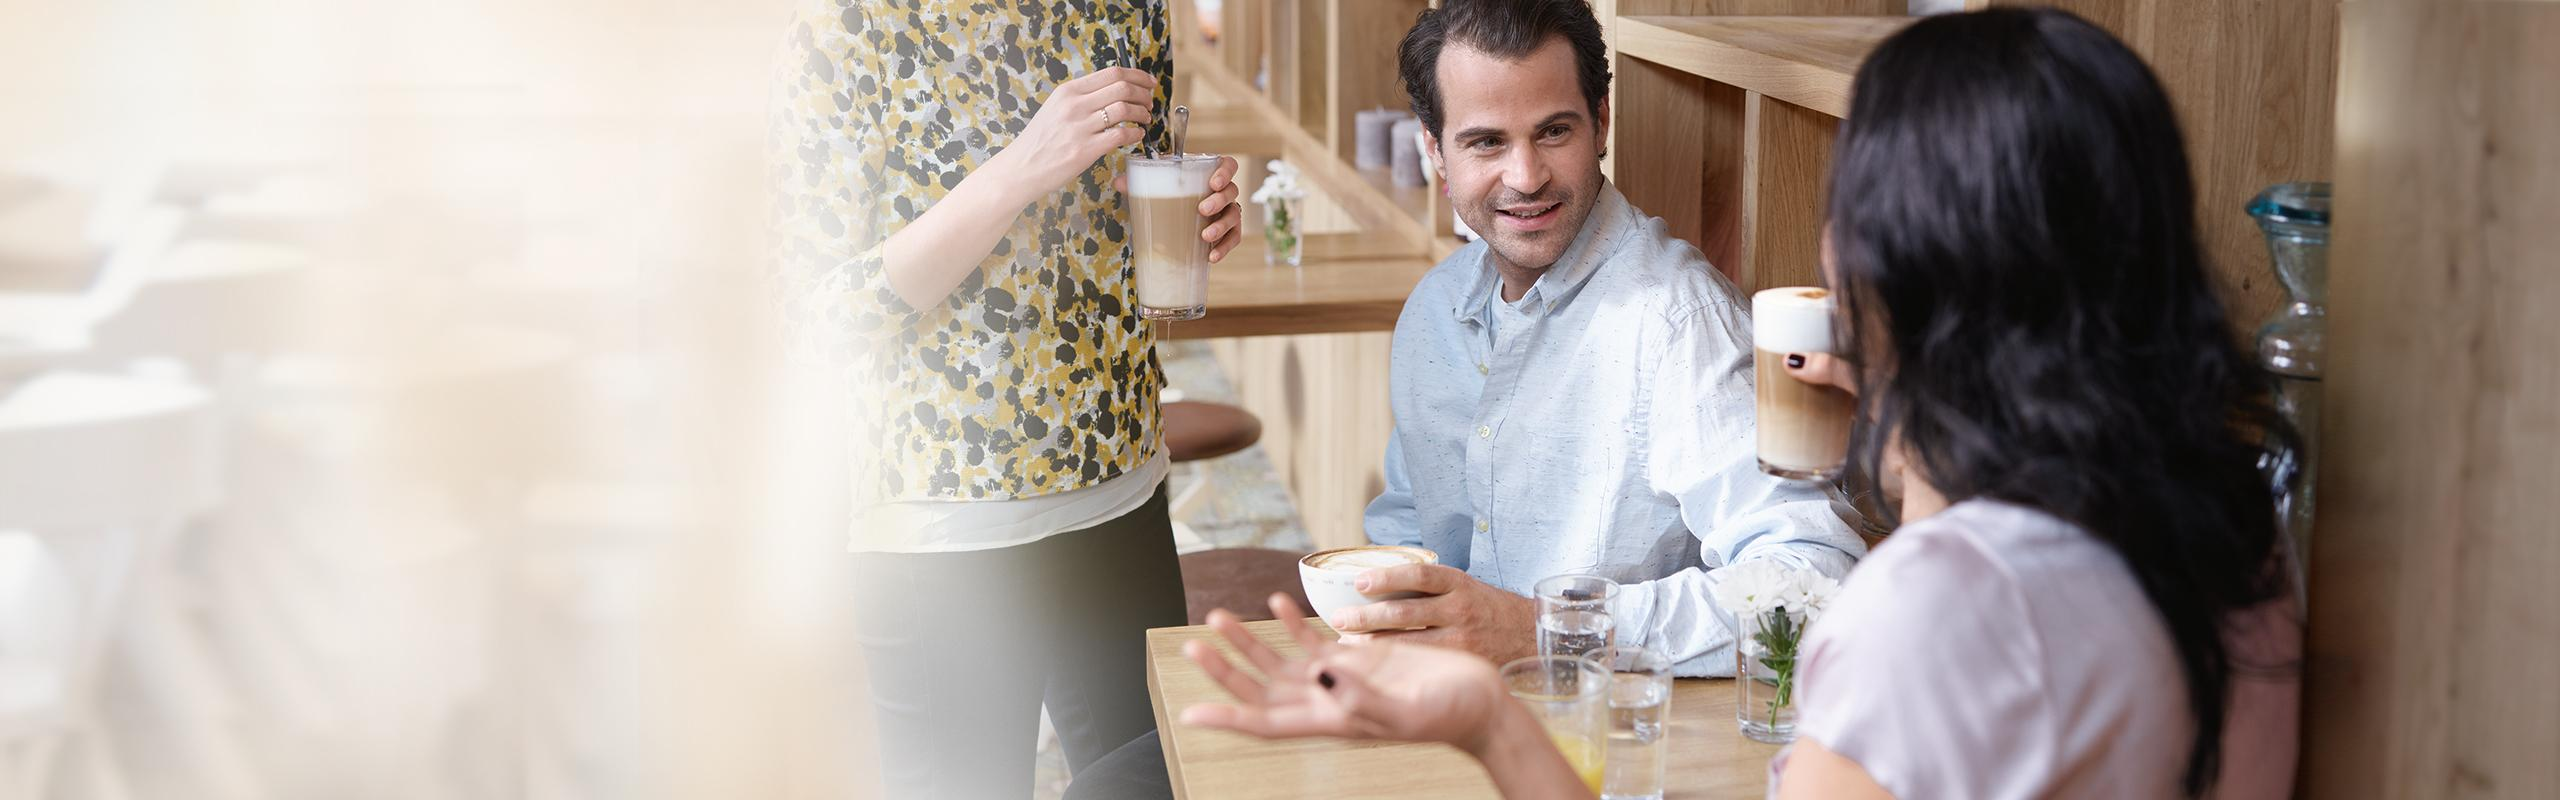 BRITA Wasser Café und Bäckerei Kaffee trinken